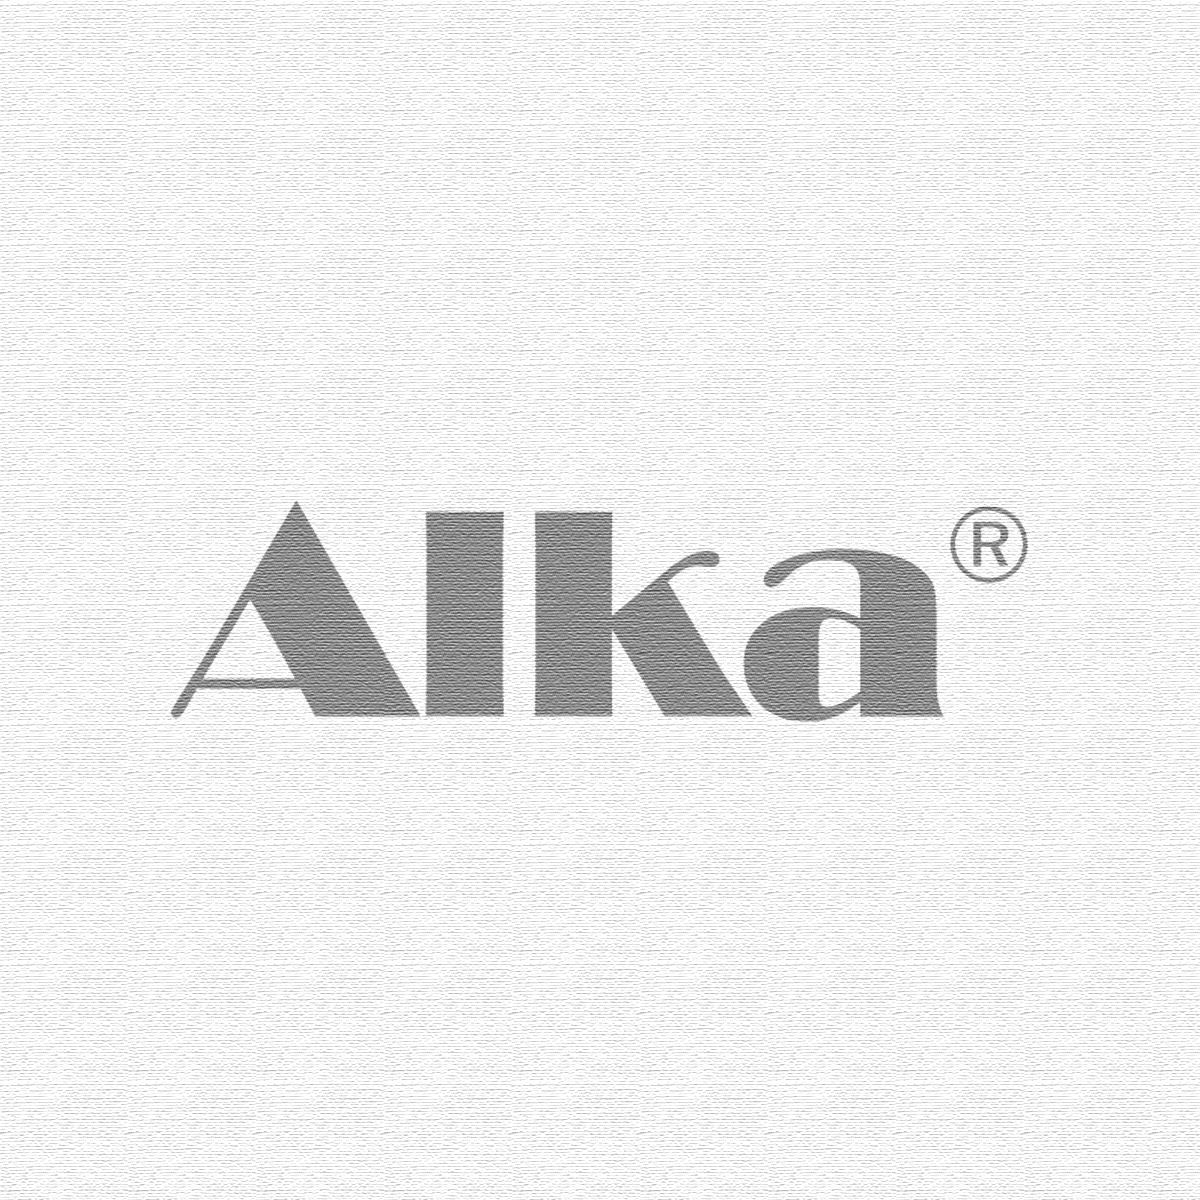 Alka® Fuß & Nagel ist eine spezielle 20-Tage-Kur für gesunde Füße und schöne Nägel